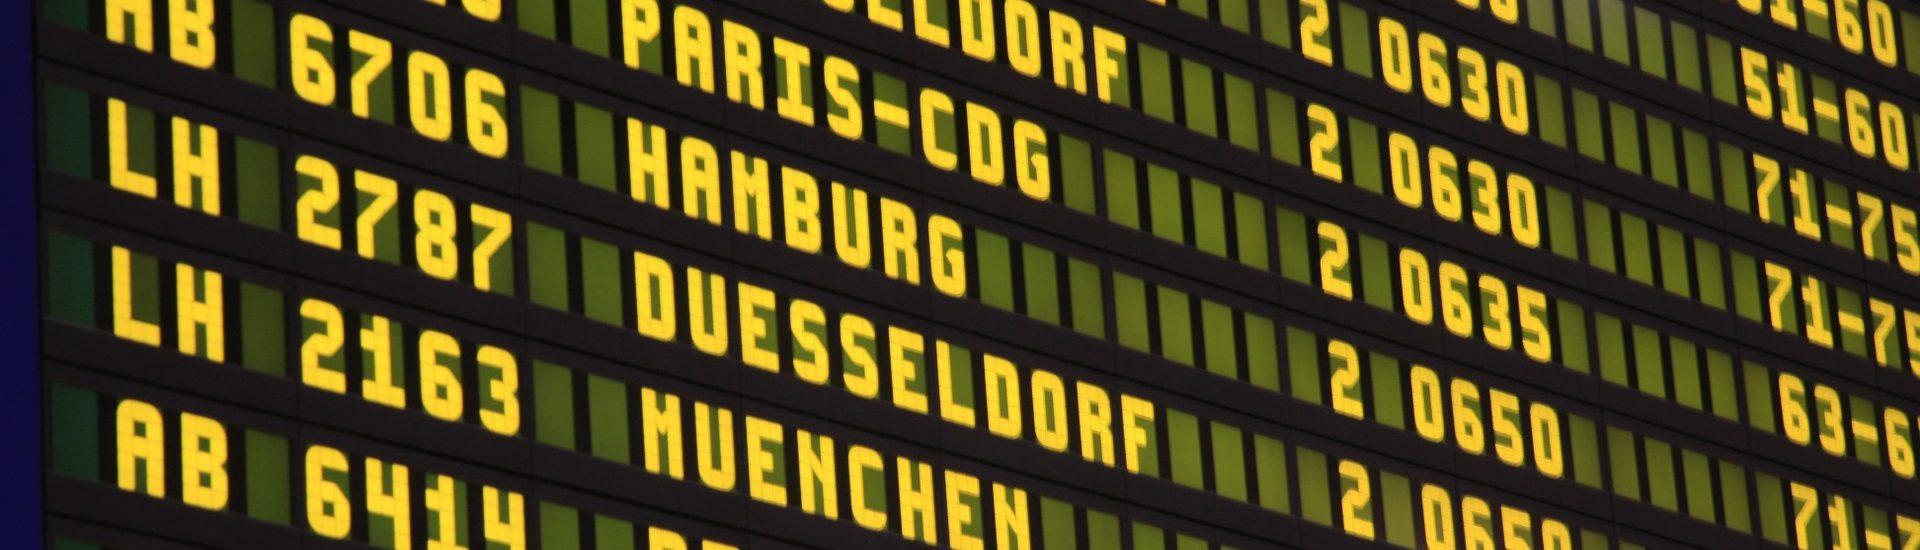 aPanneau aéroport couv bleisure